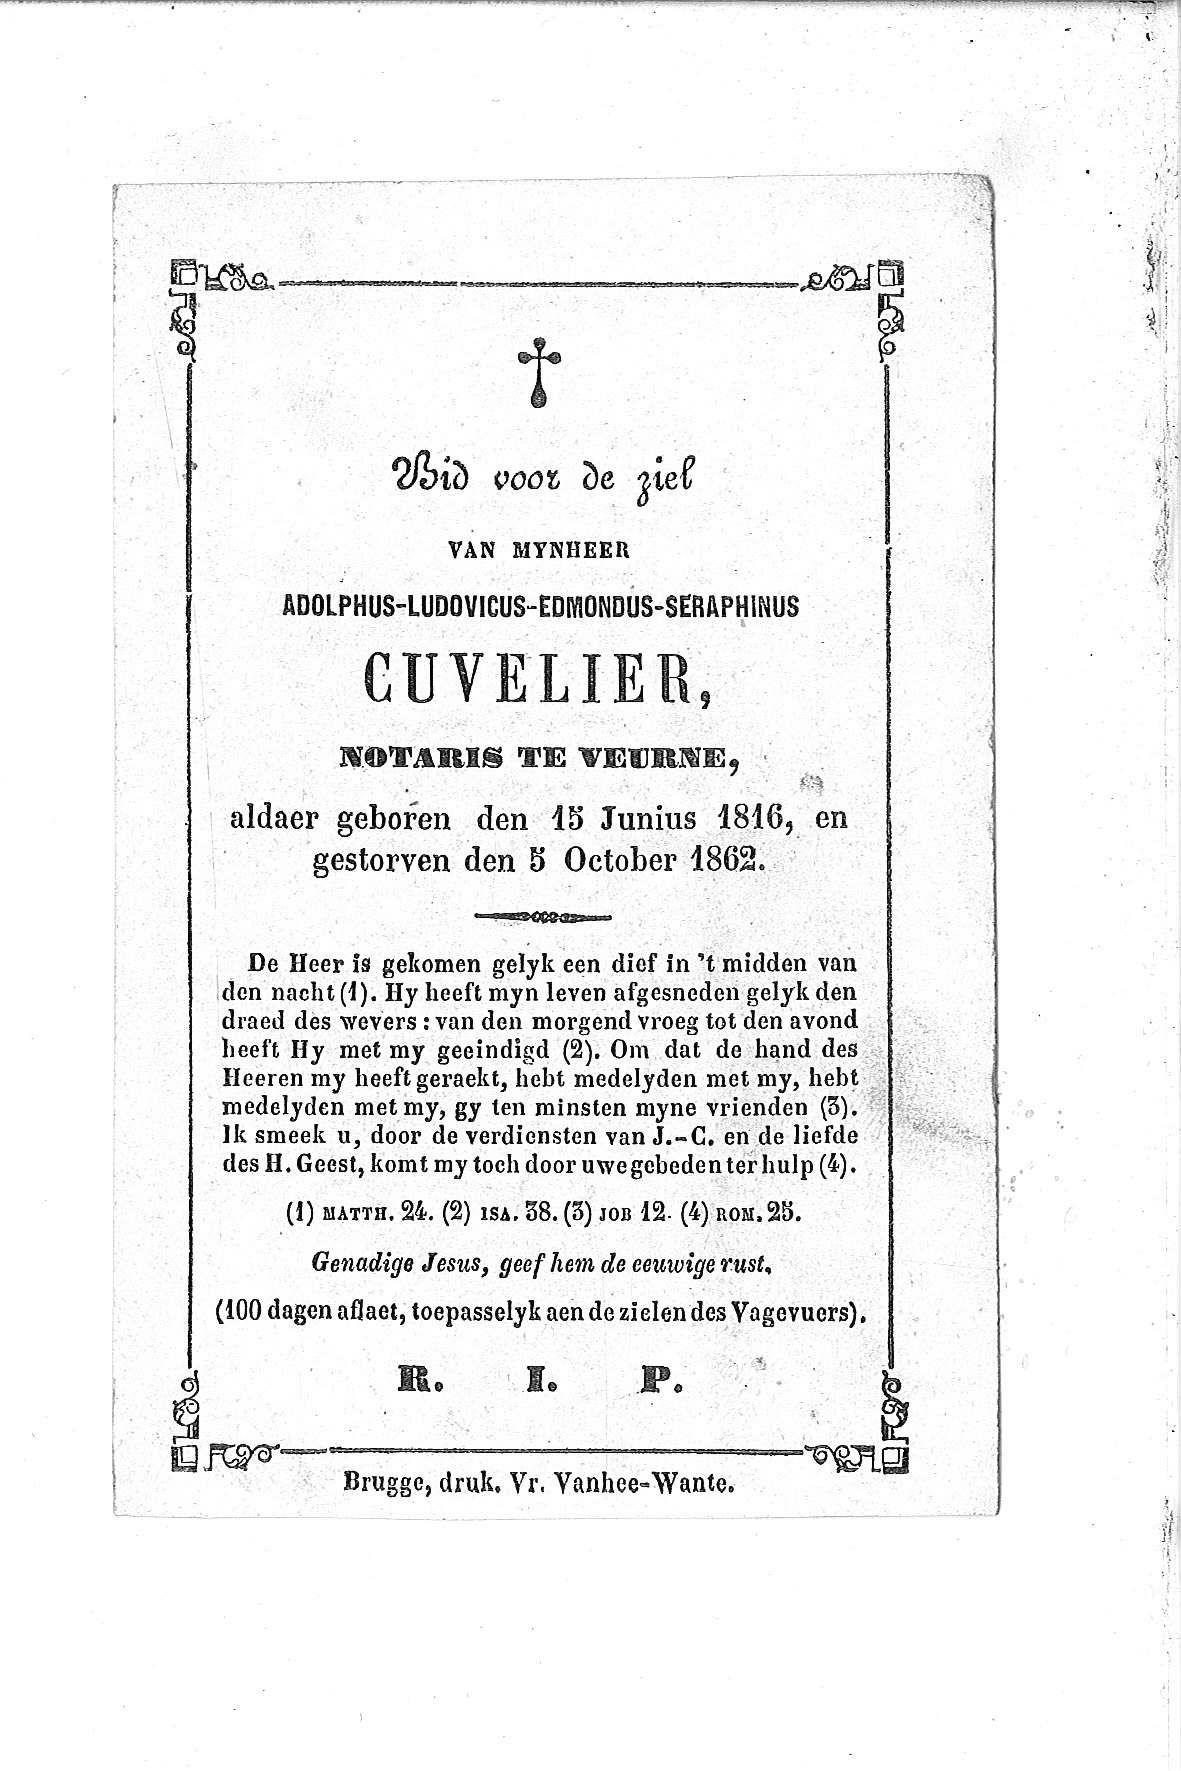 Adolphus-Ludovicus-Edmondus-Seraphinus (1862) 20120117161928_00174.jpg